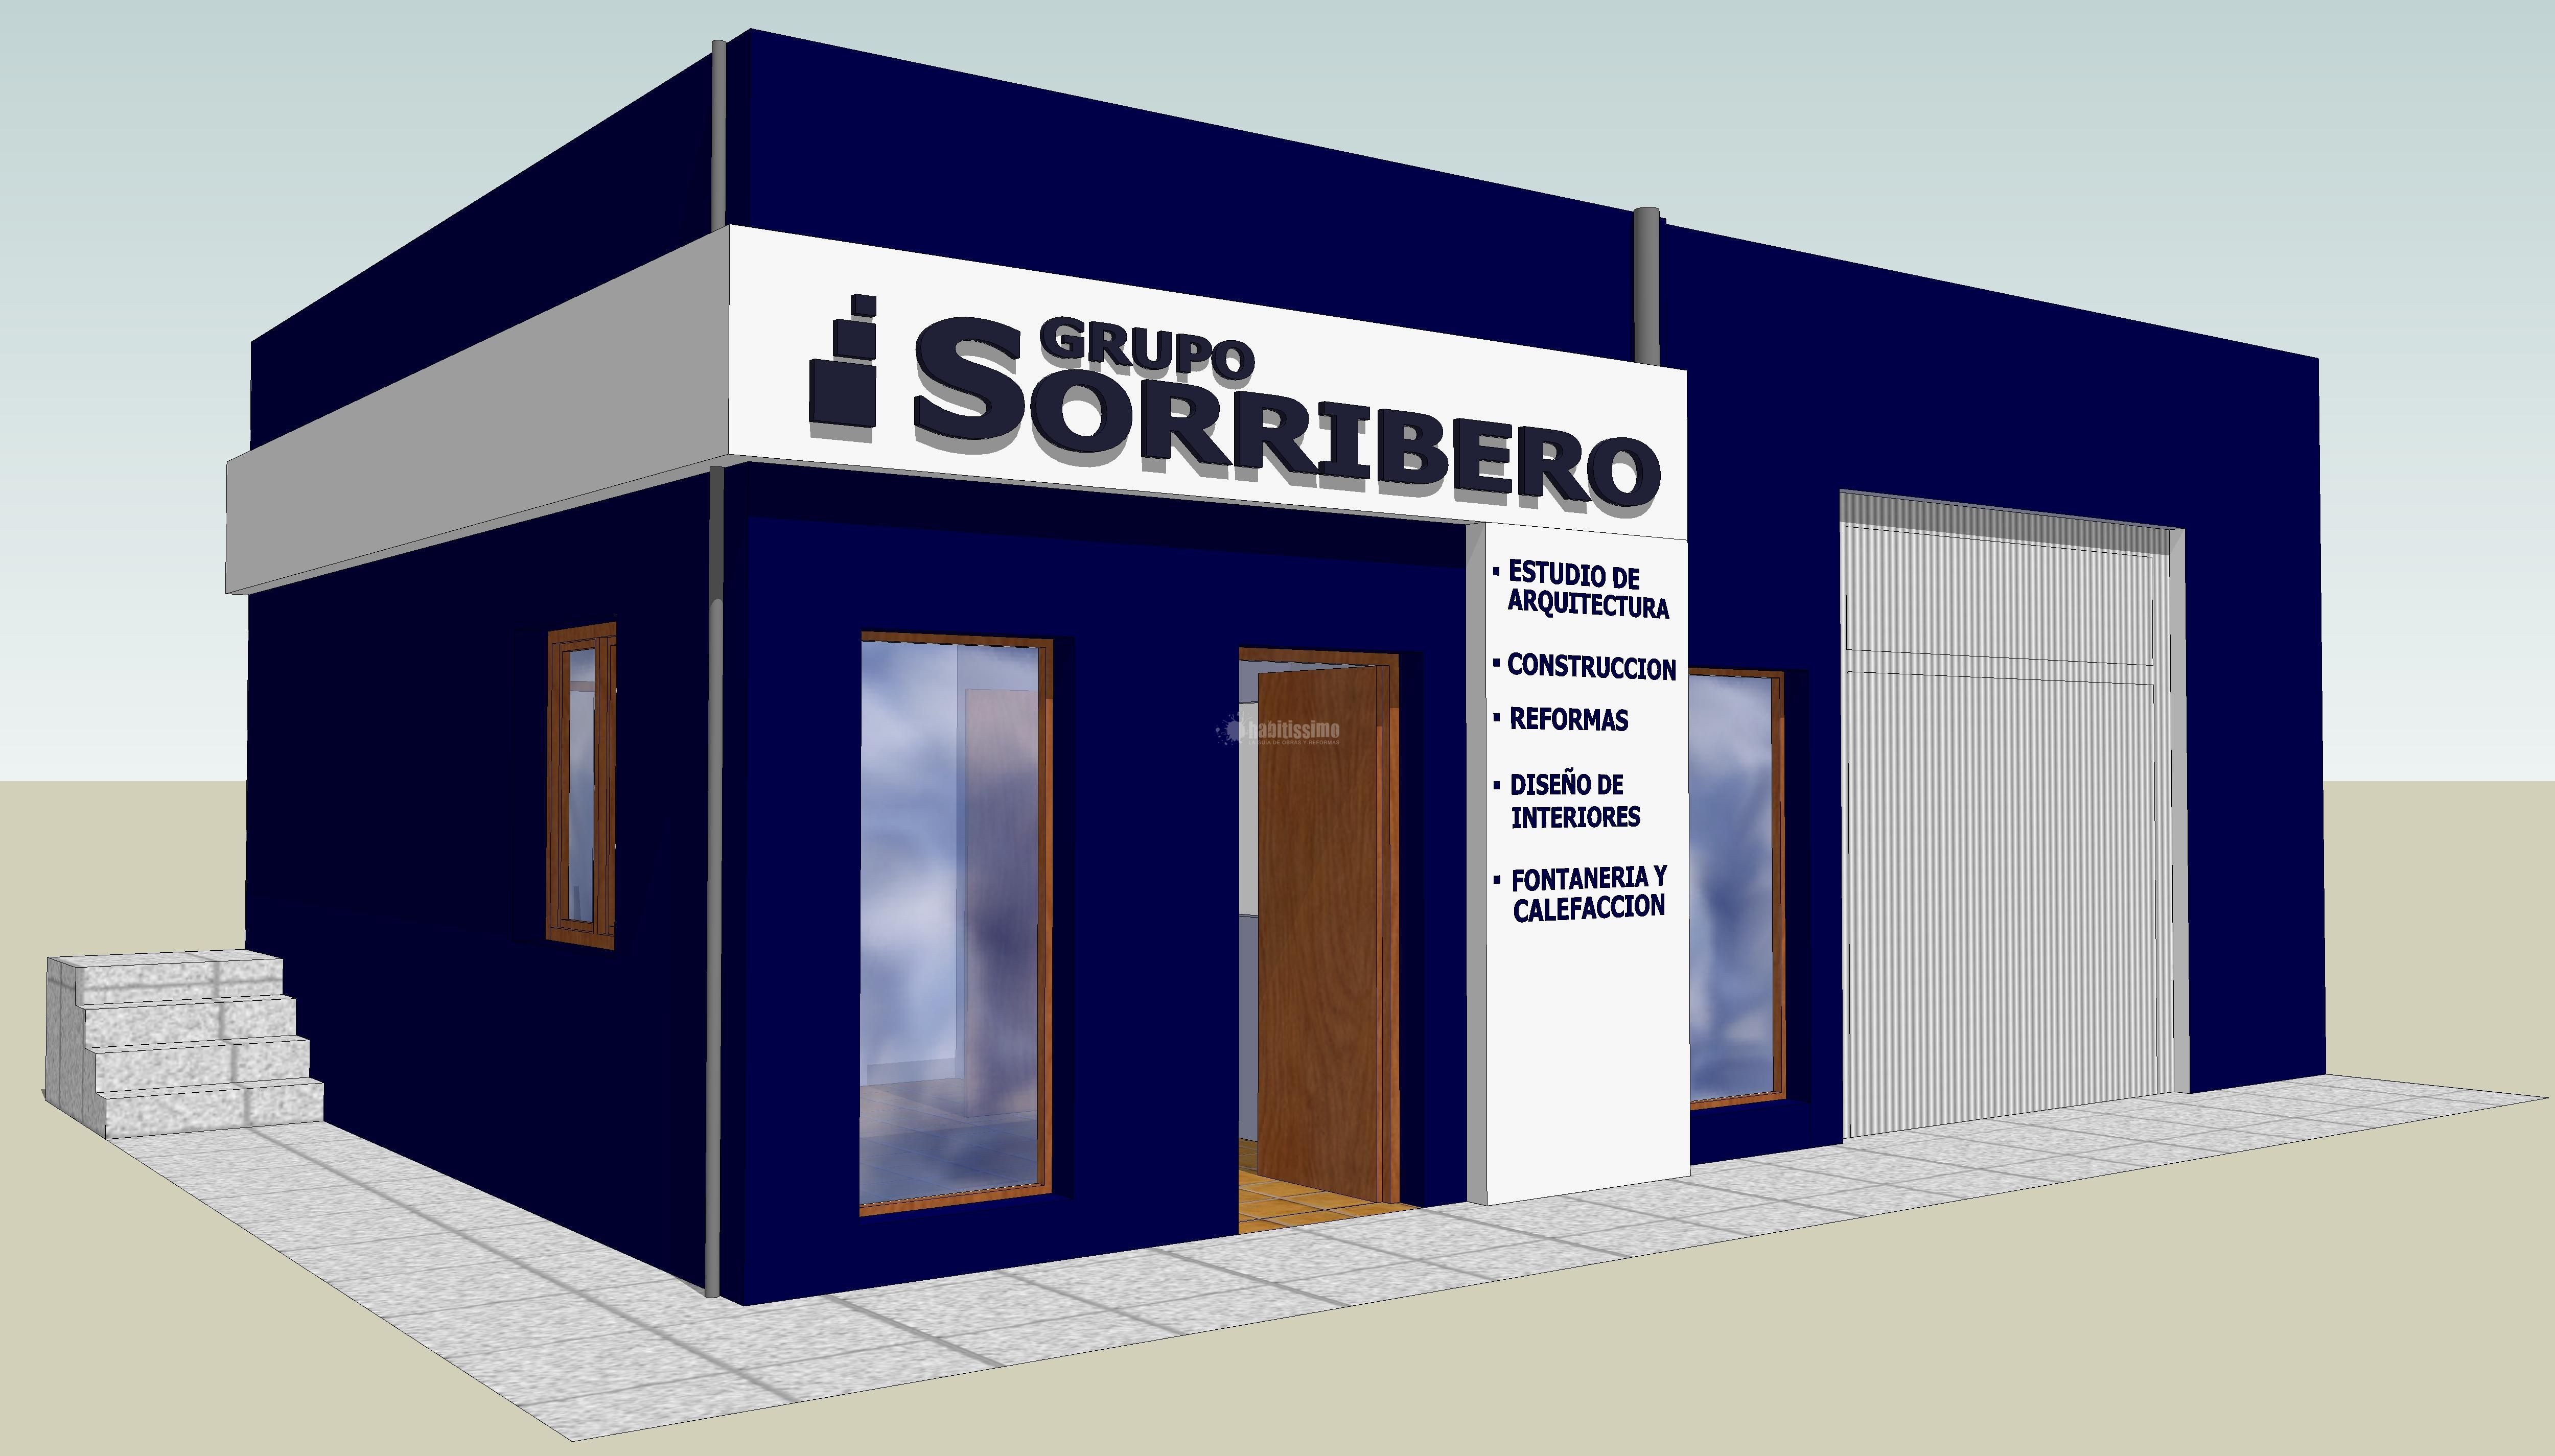 Construcciones Sorribero